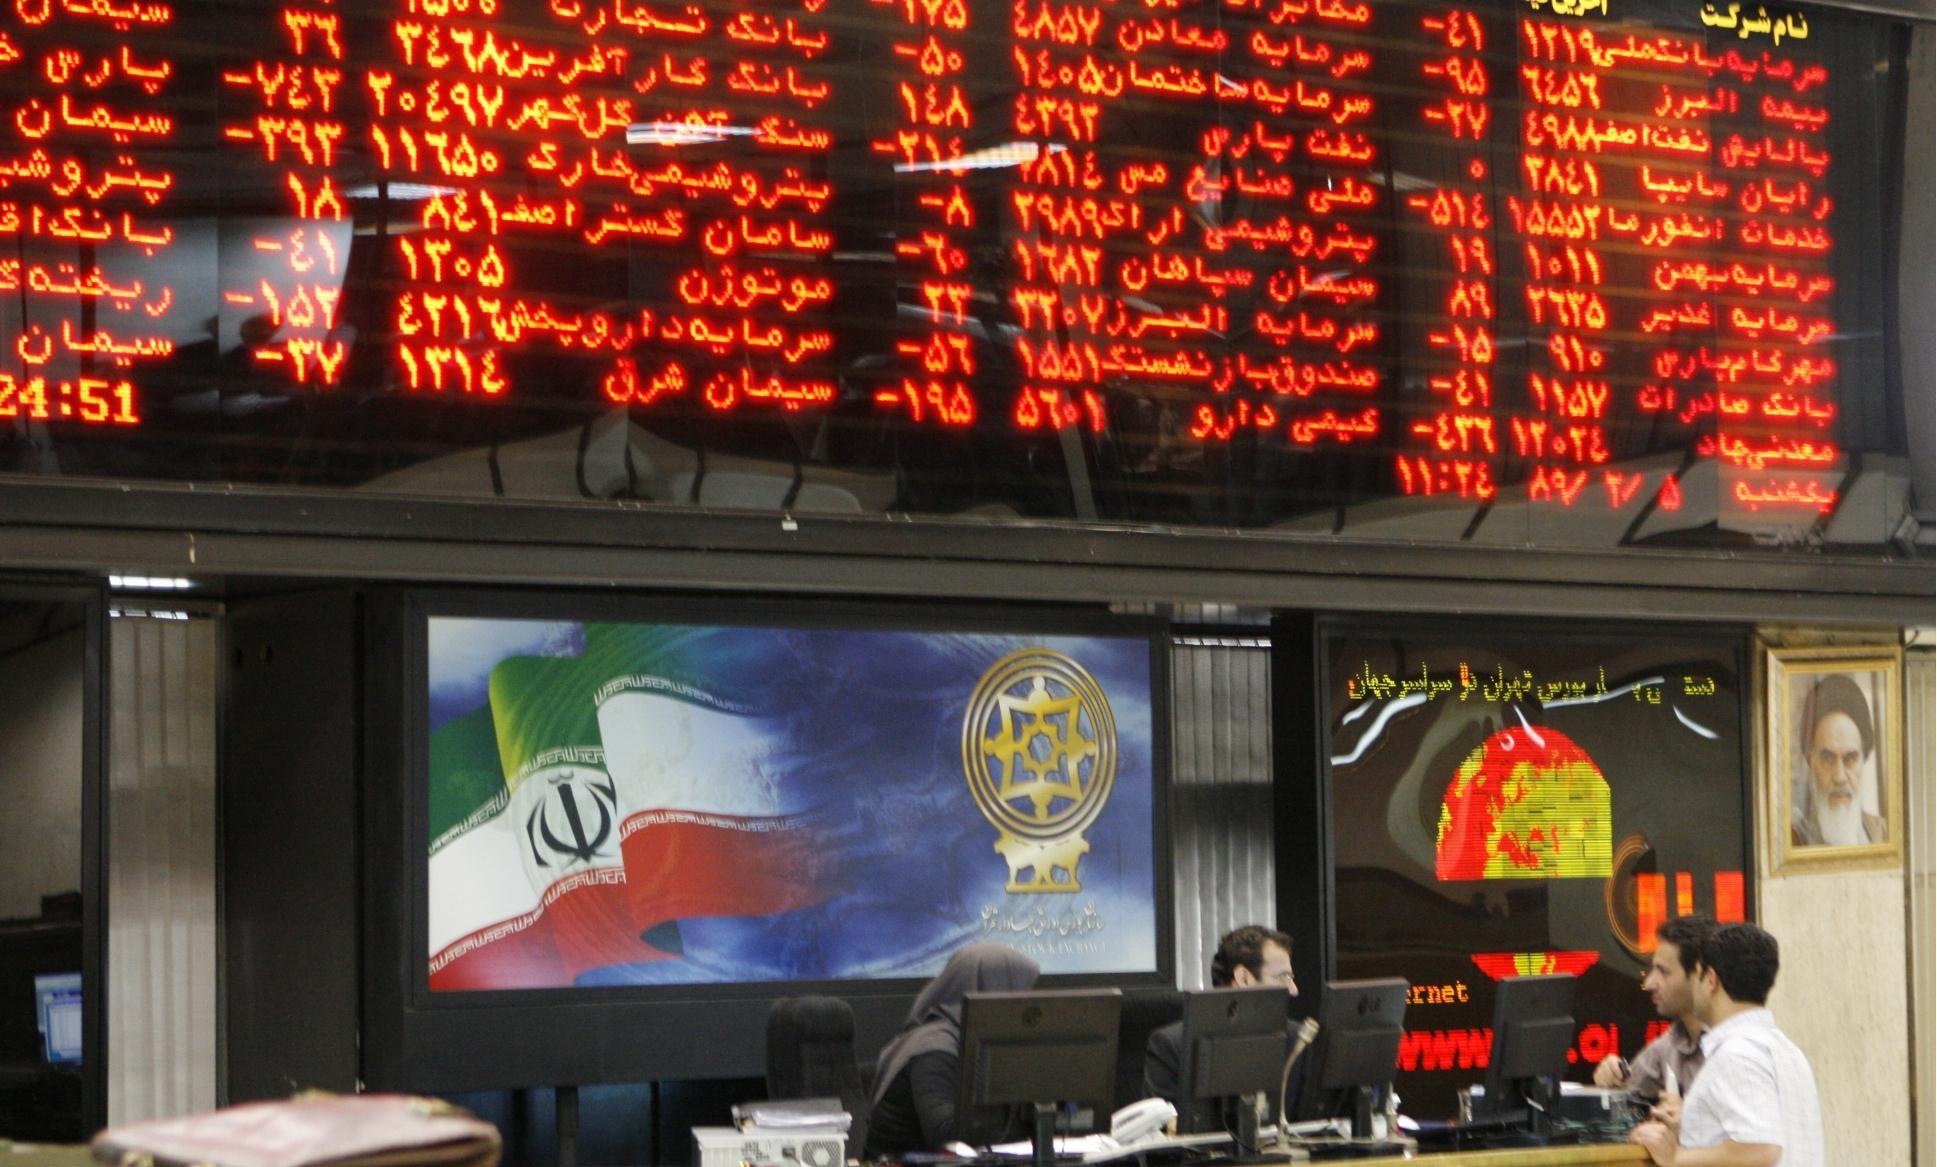 واکنش بورس به درج نام ایران در لیست سیاه FATF/ سهامداران در انتظار شاخص ۶۰۰ هزار واحدی